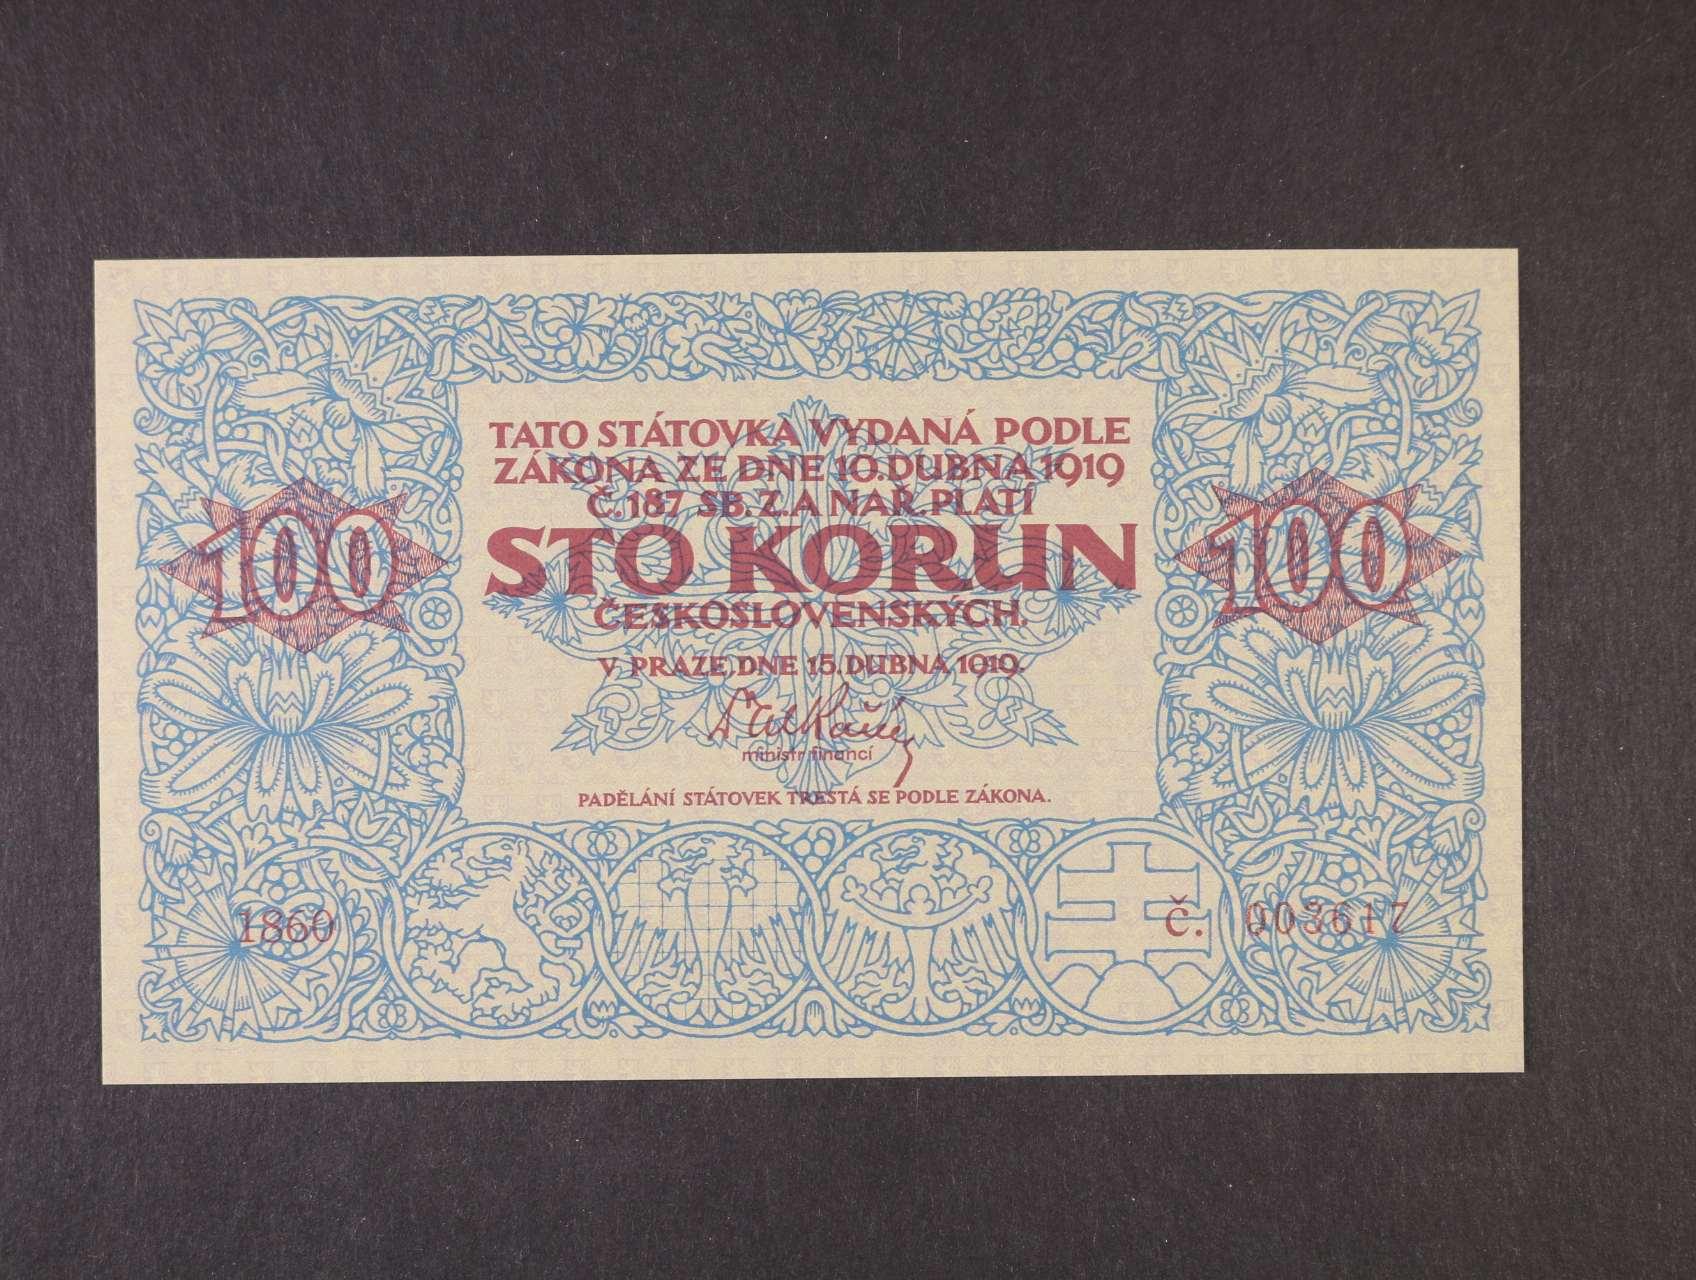 100 Kč 1919 kopie na papíře s vodoznakem, uv tisk STC, vydání ke 100.letům republiky - Ivančice 2018